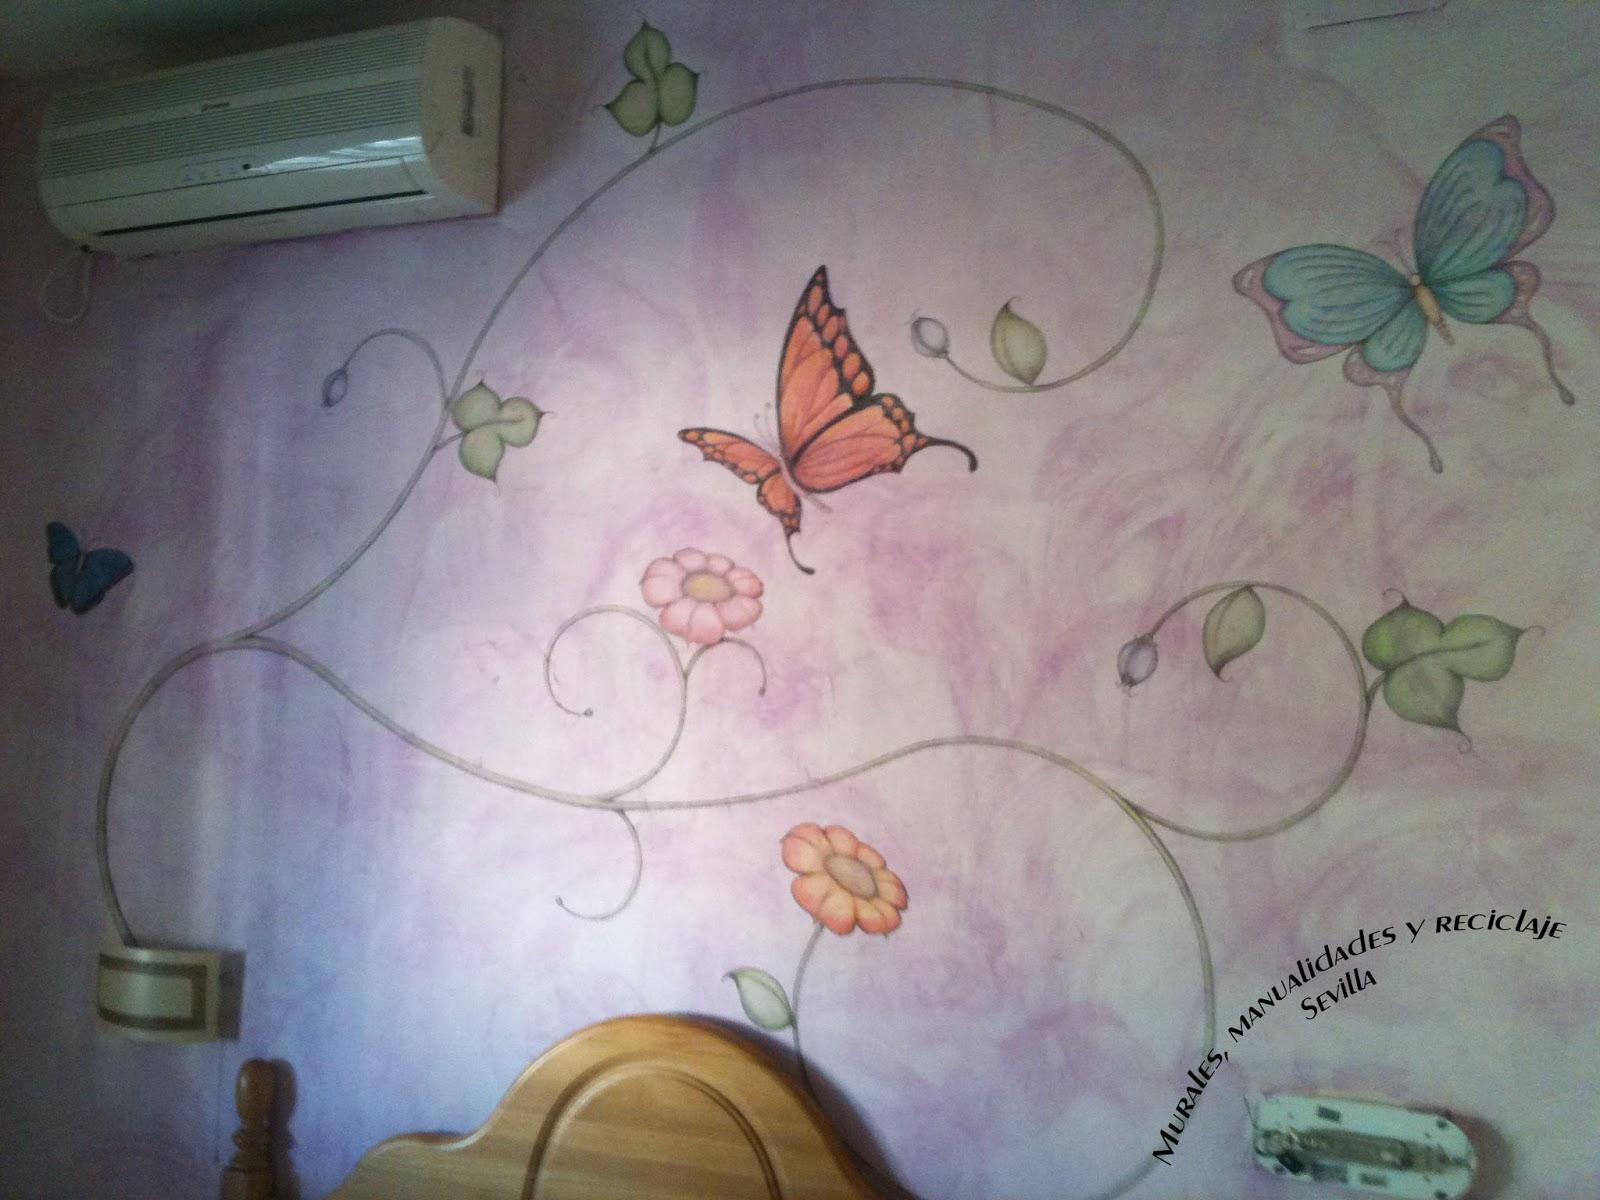 Murales manualidades y reciclaje sevilla mural for Mural de flores y mariposas